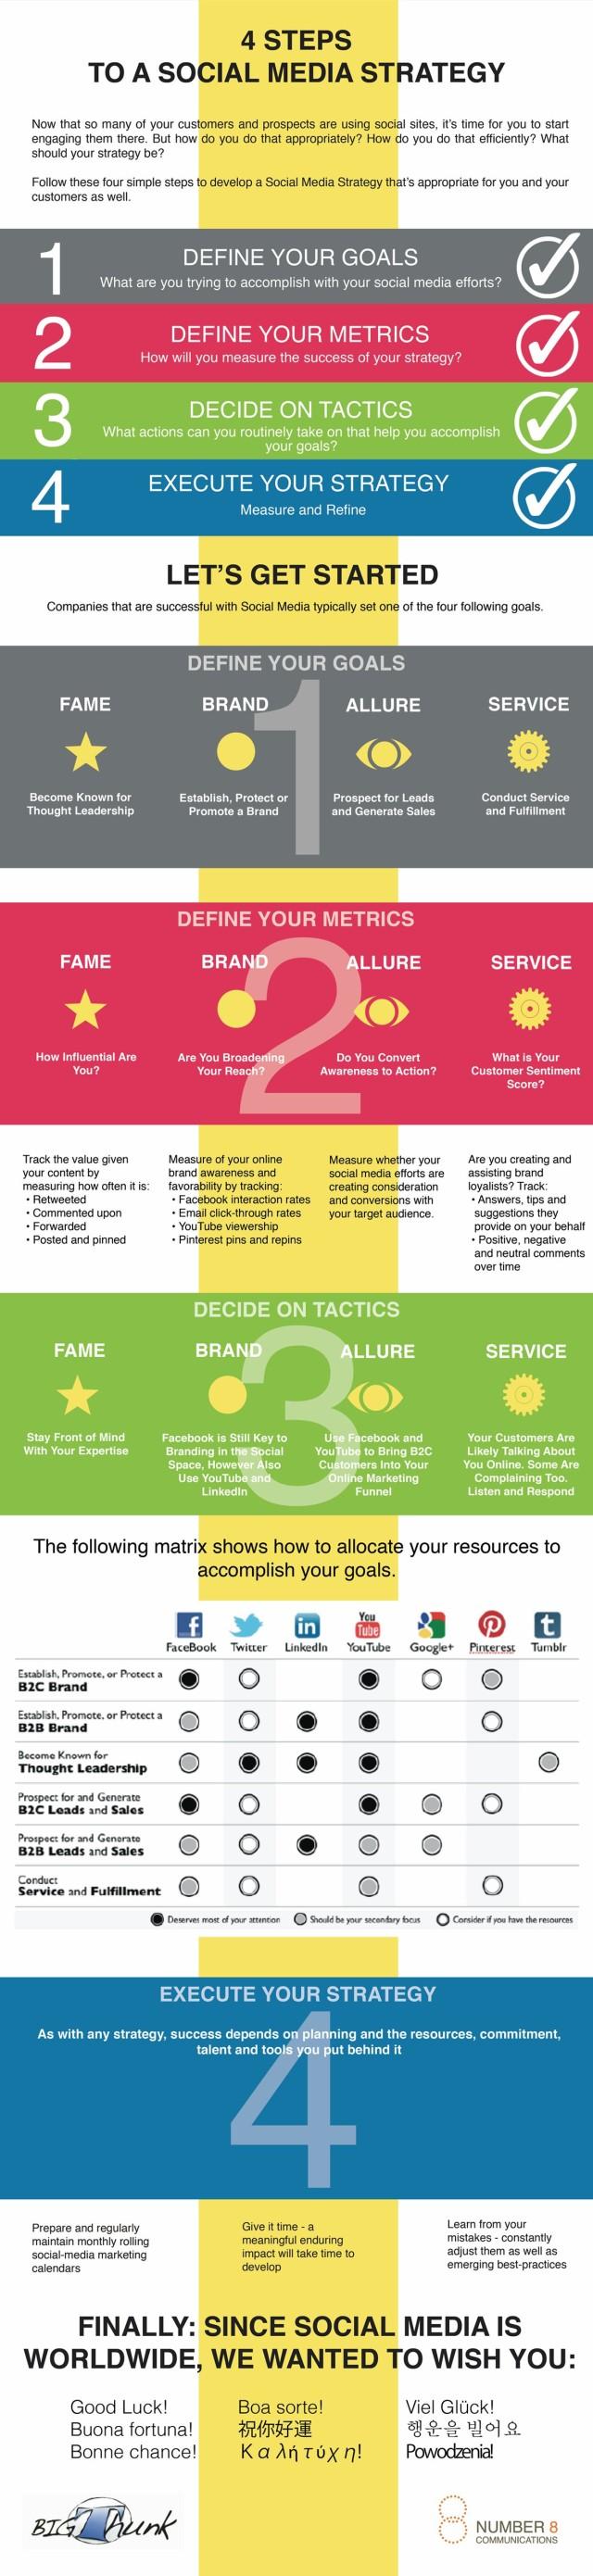 4-steps-social-media-strategy-640x2781